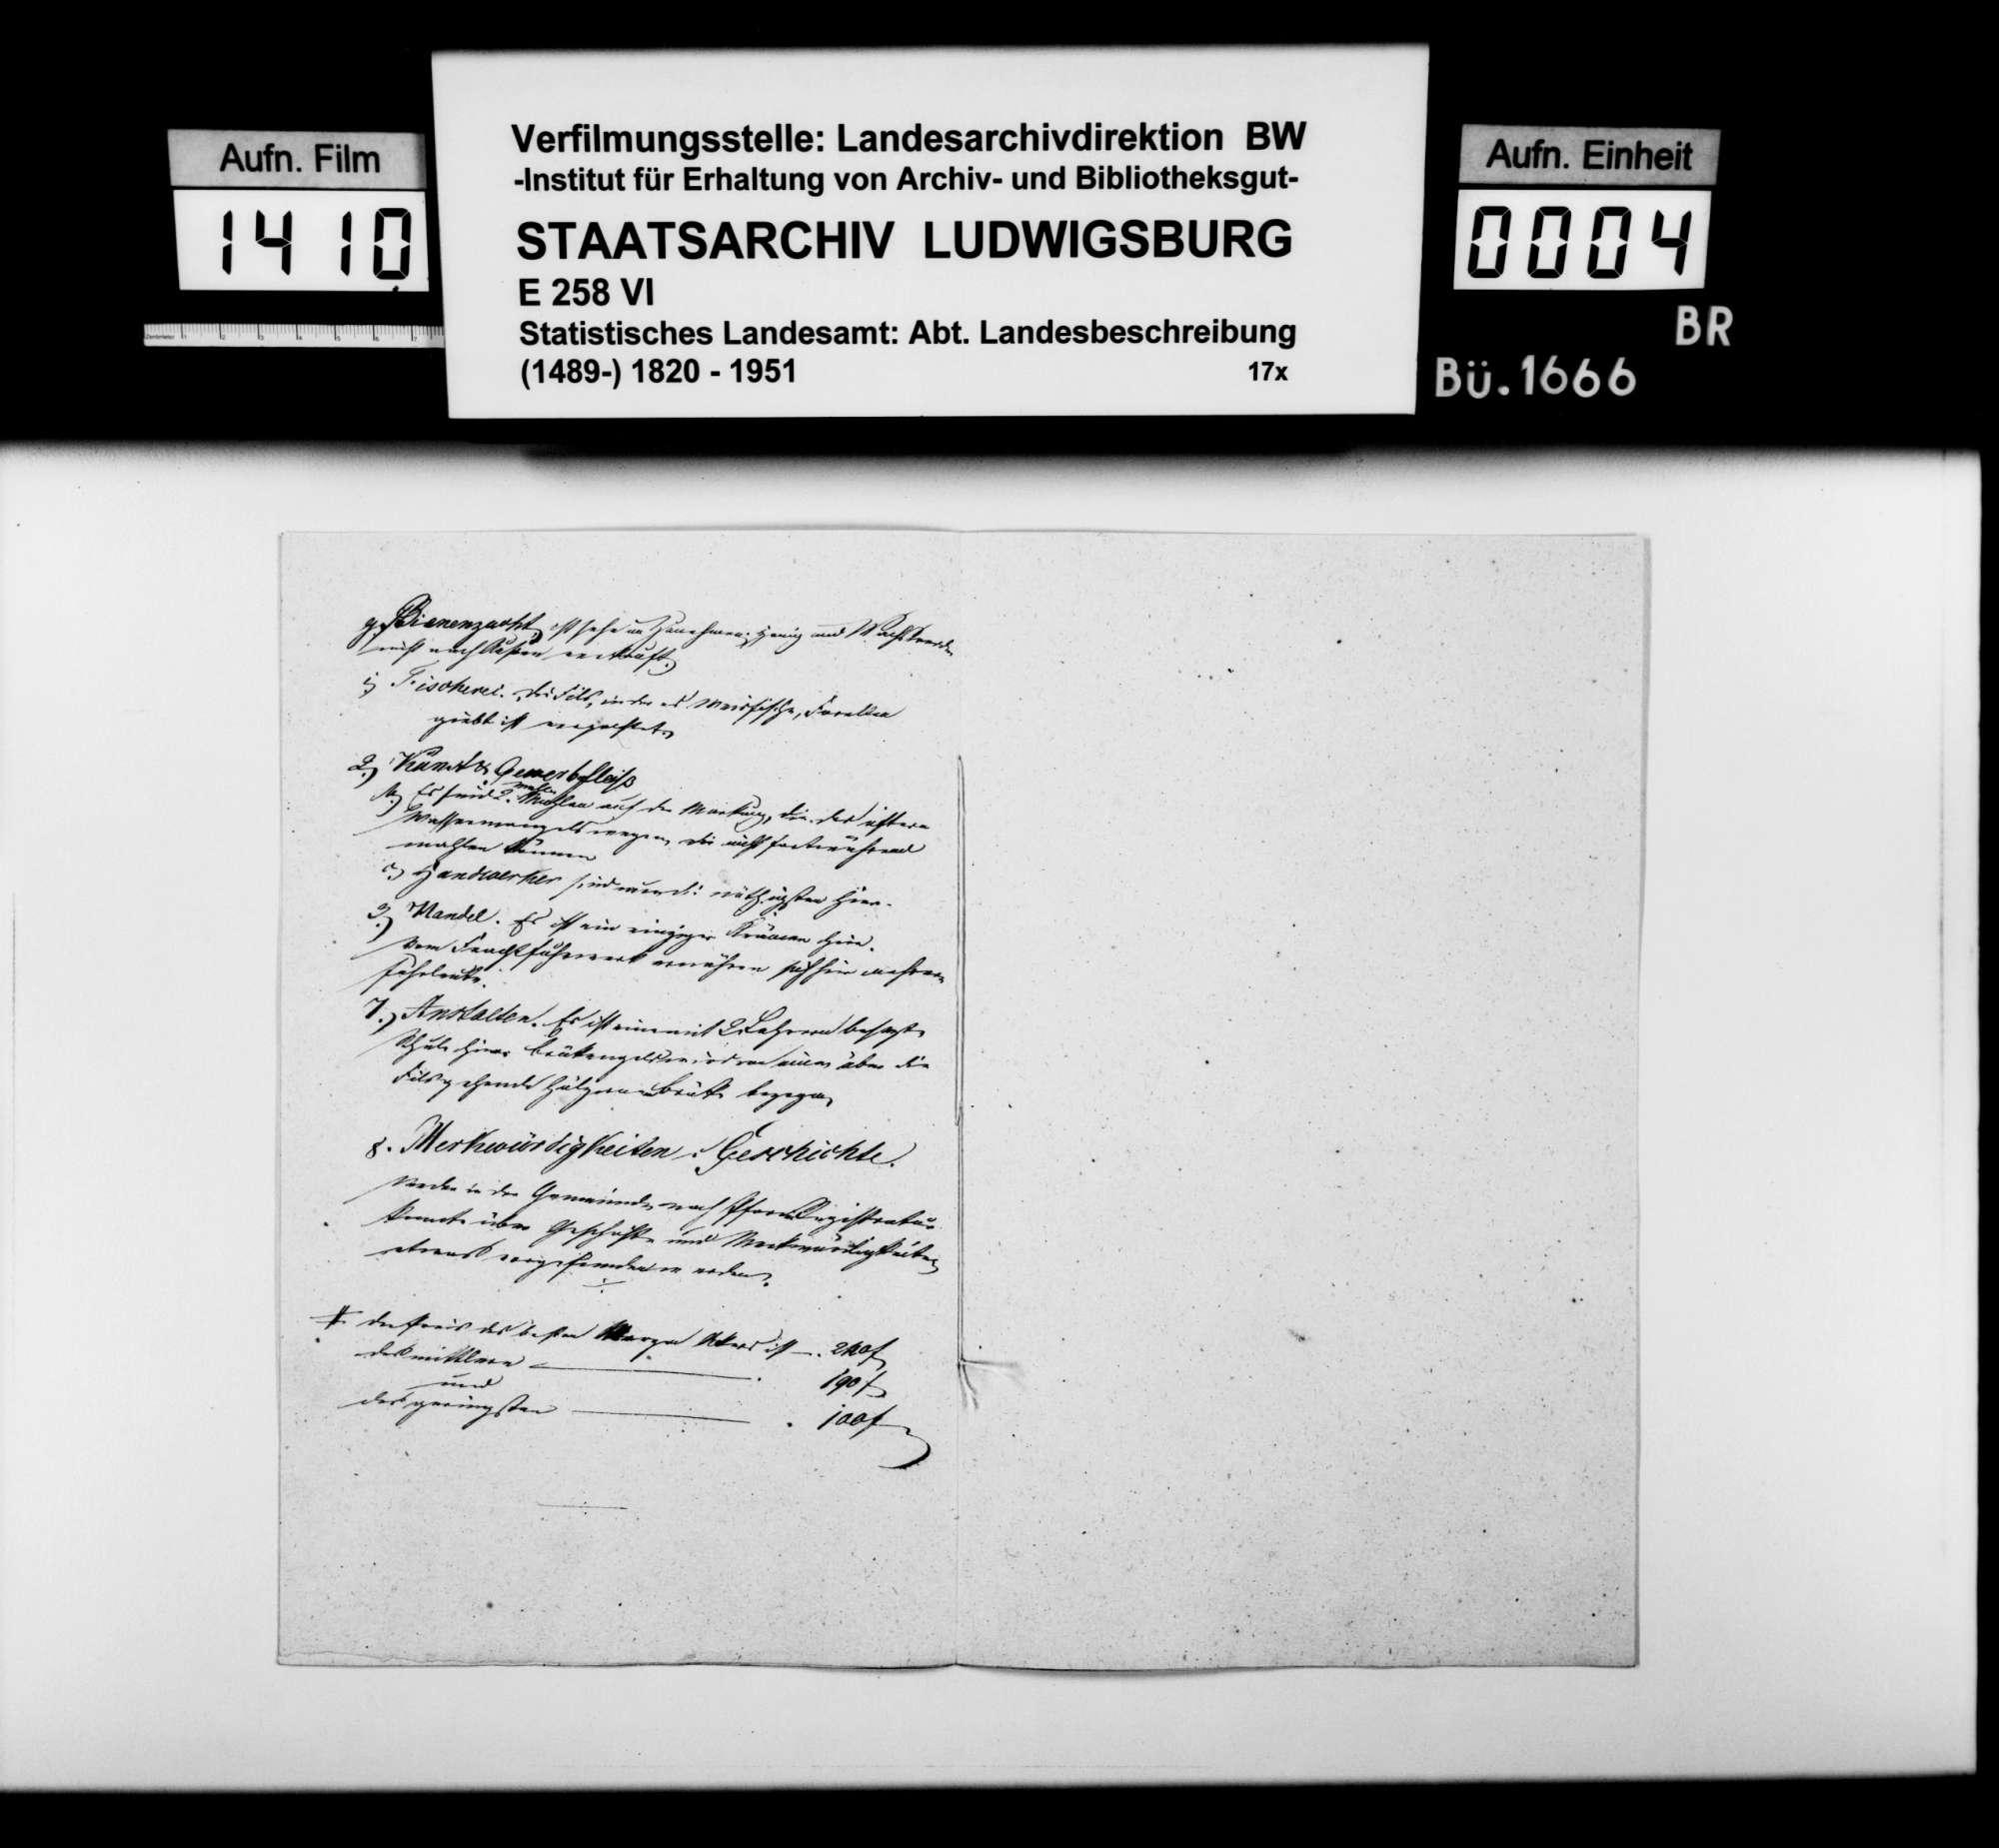 Notizen zur Beschreibung von Reichenbach mit Siegenberg nach dem Fragenkatalog des STBs (wie oben bei Bezgenriet), Bild 3